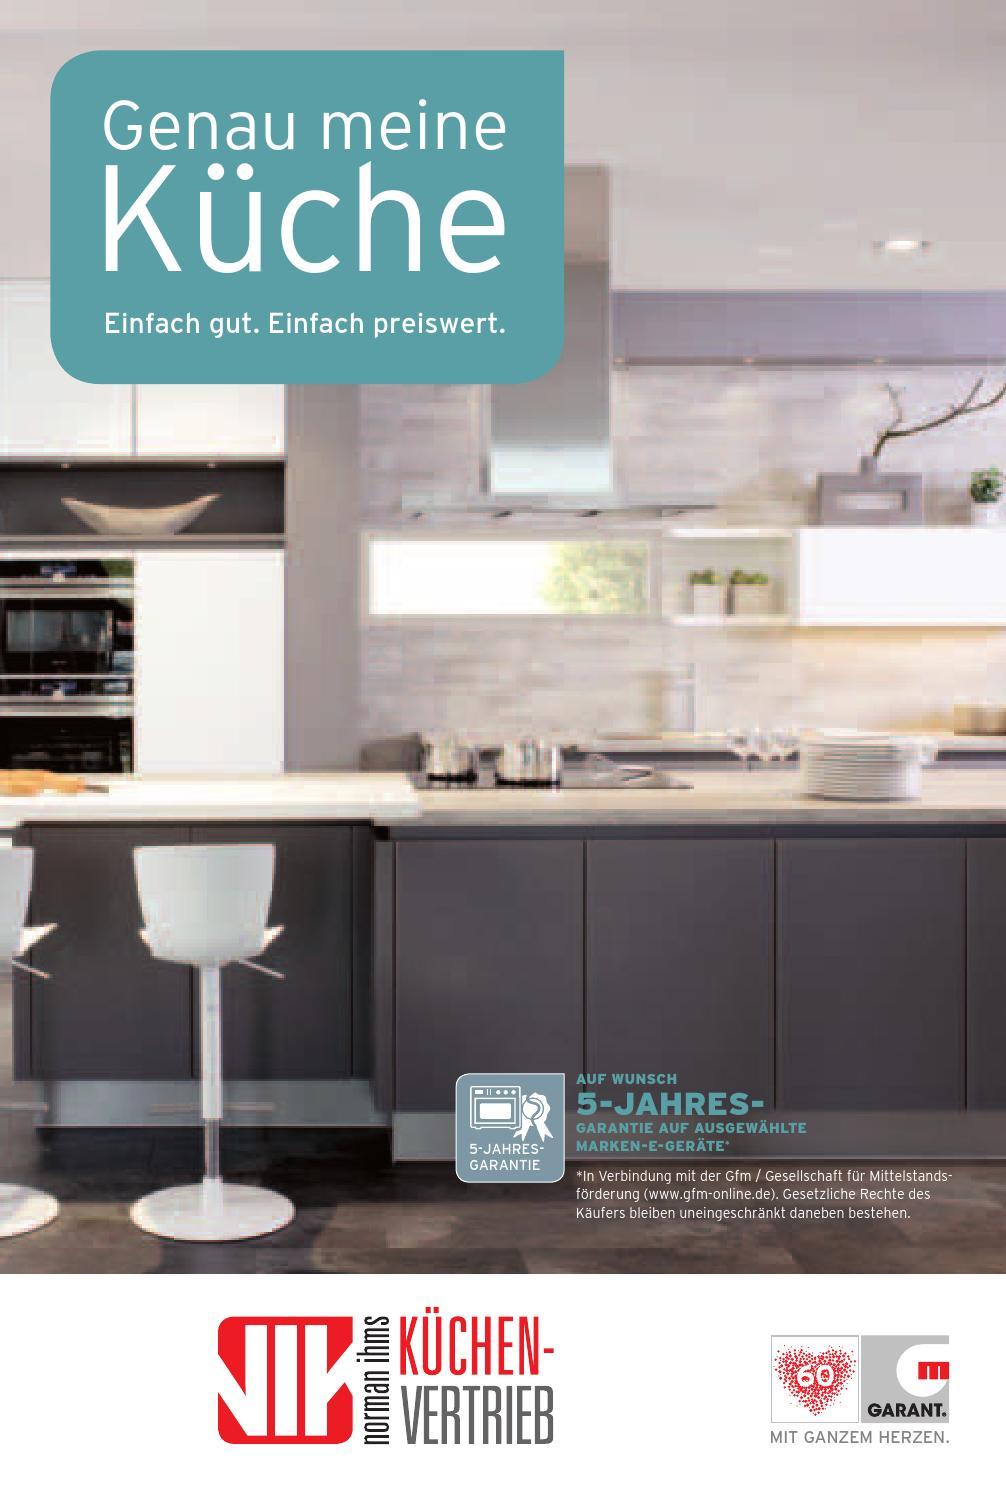 Genau meine Küche by NIK Küchenvertrieb - issuu